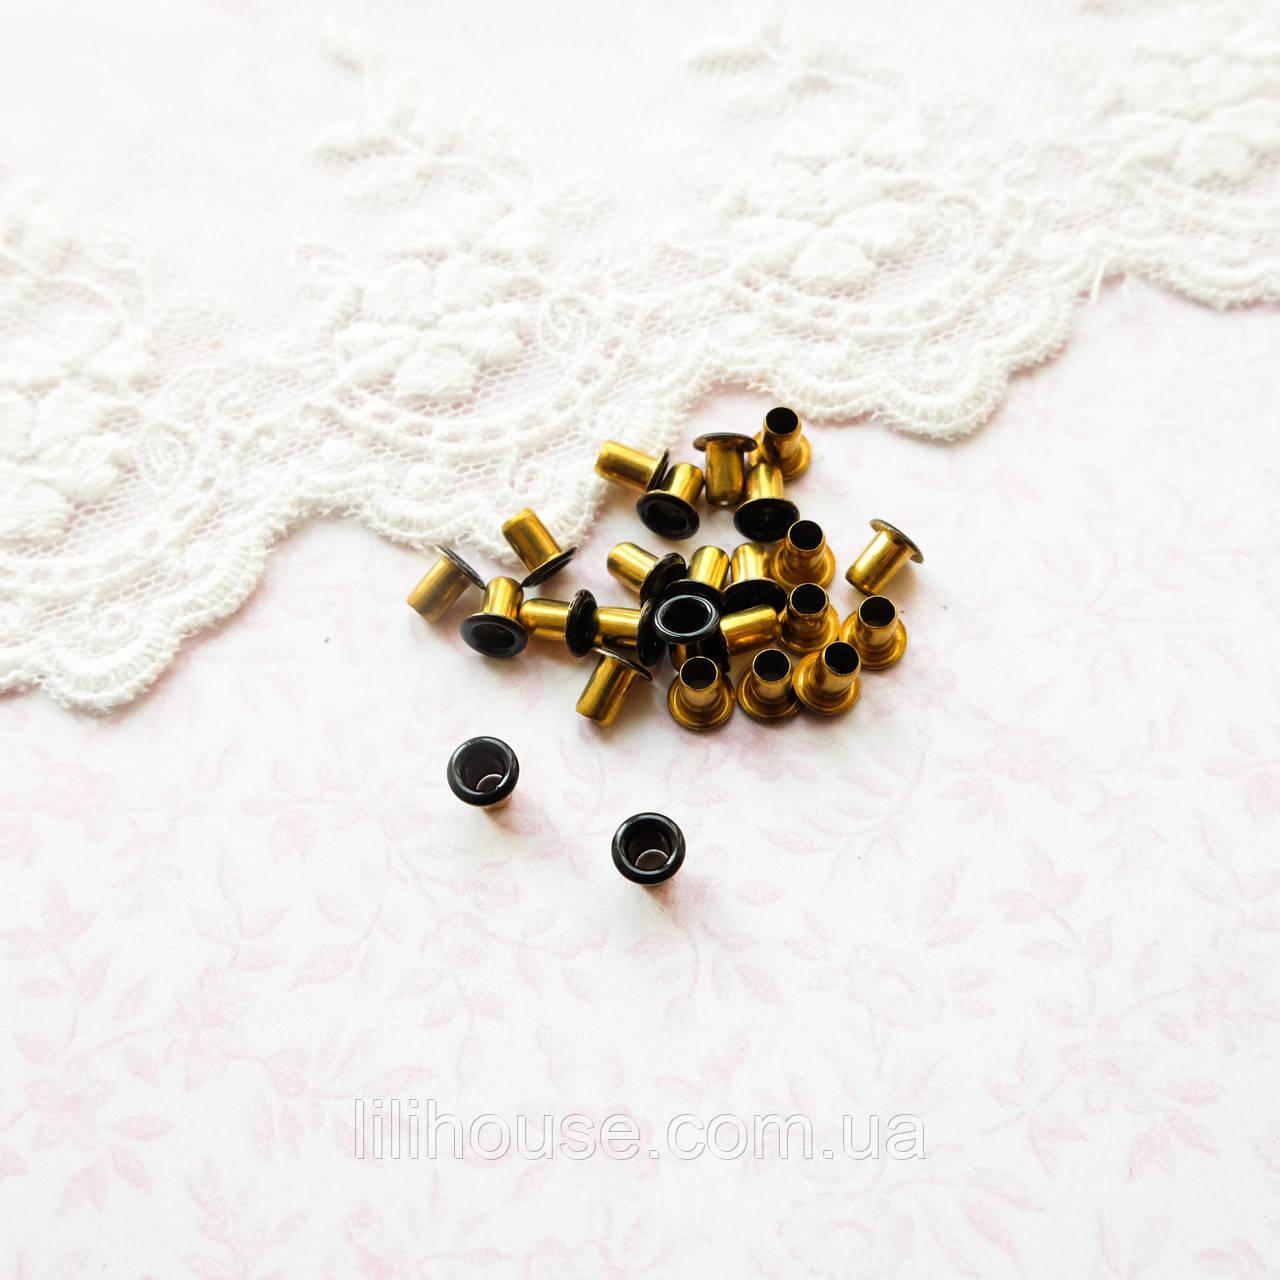 Люверс 5*2.5*5 мм (внутренний Ø 2.5 мм), черные с золотом - 20 шт